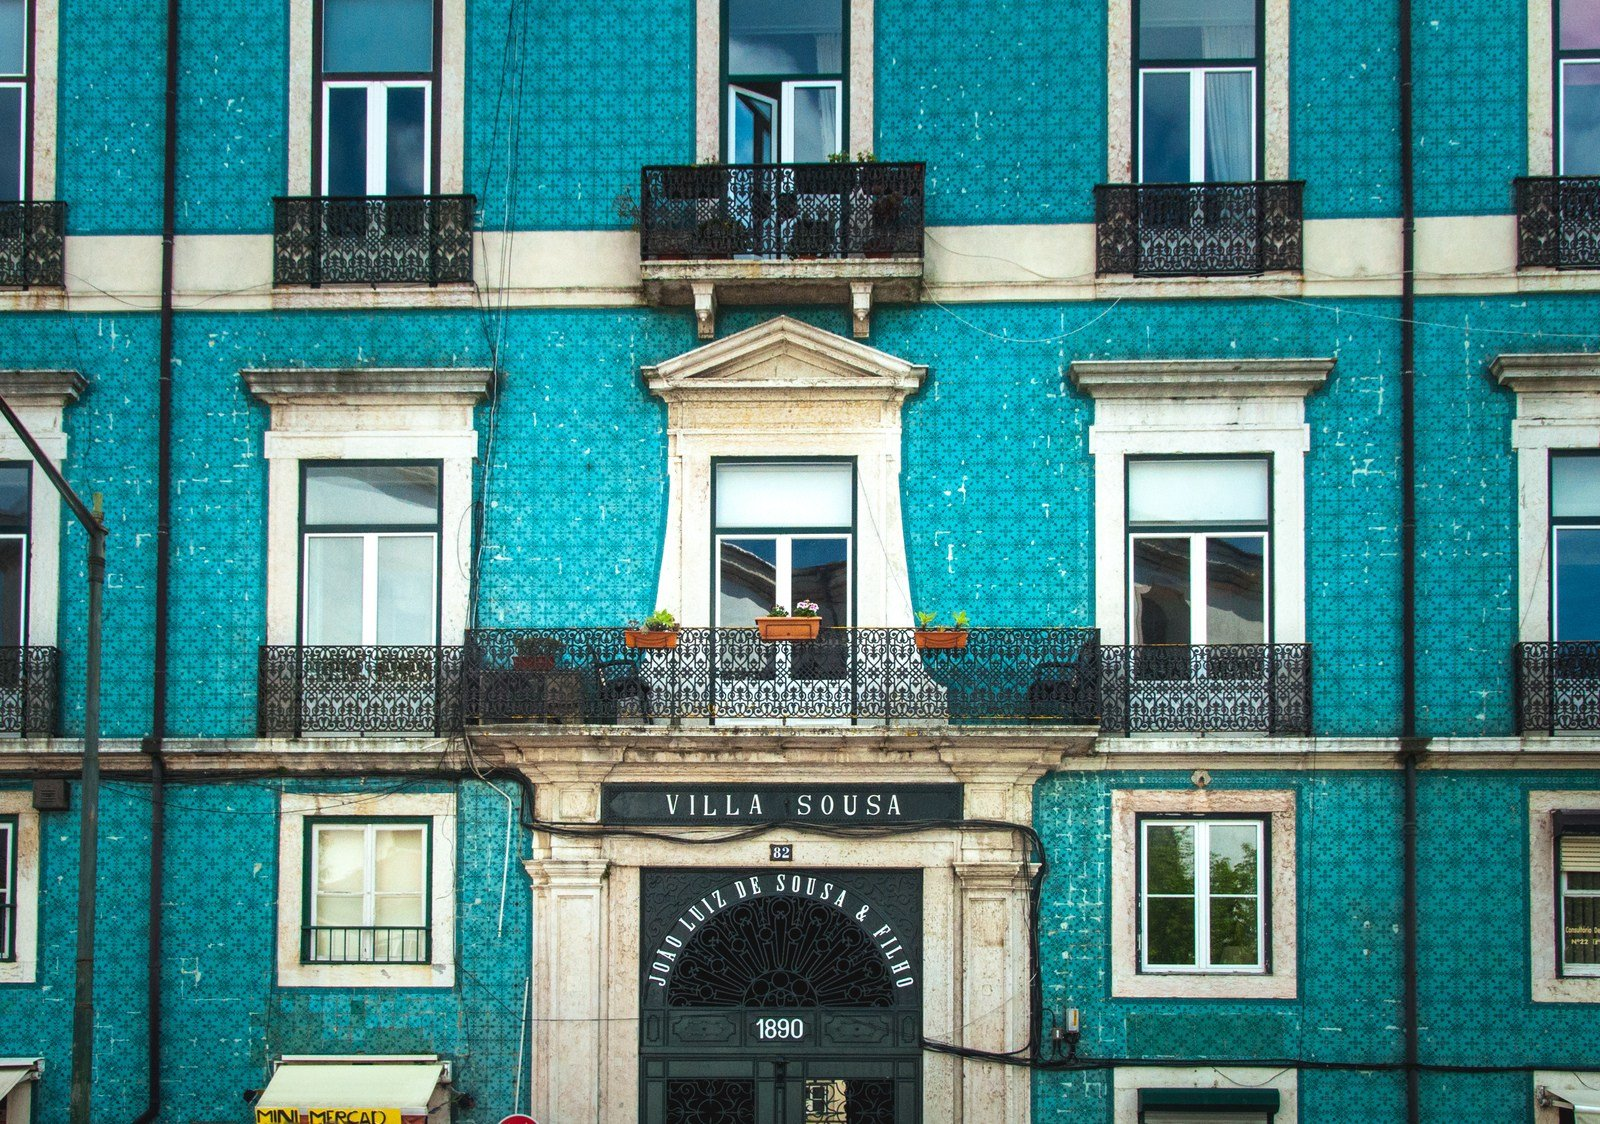 Découvrir le quartier de l'Alfama à Lisbonne (Portugal)